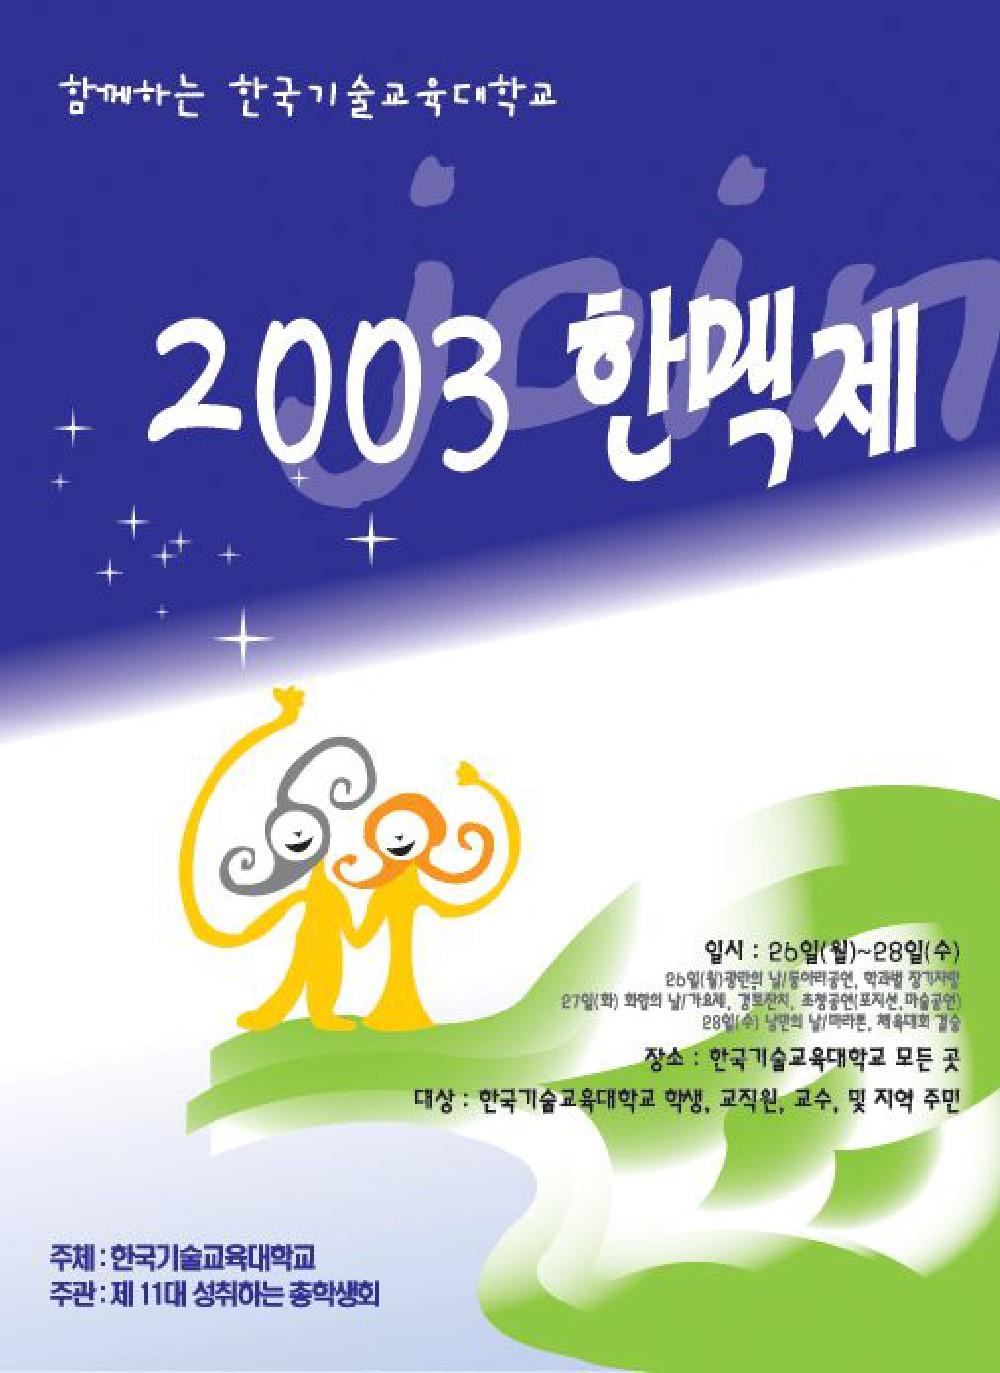 2003년도 제11회 한맥제